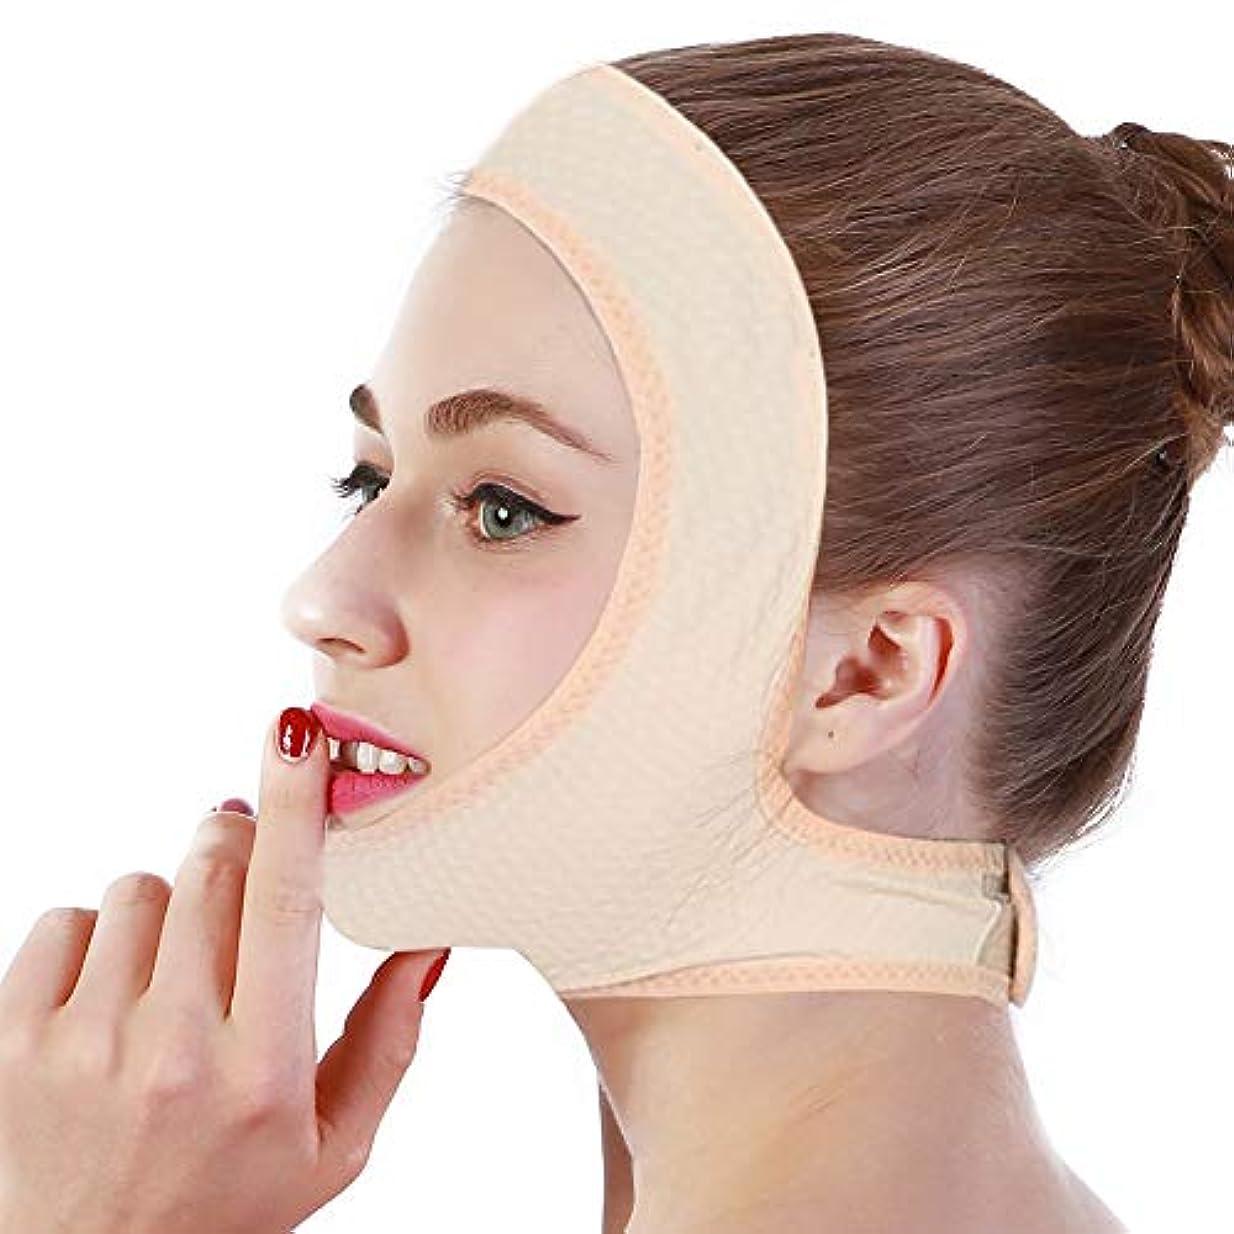 自動名義で反響するフェイスマッサージ肌の色フェイスリフティングマスク薄いあご矯正ツール顔の輪郭調整包帯